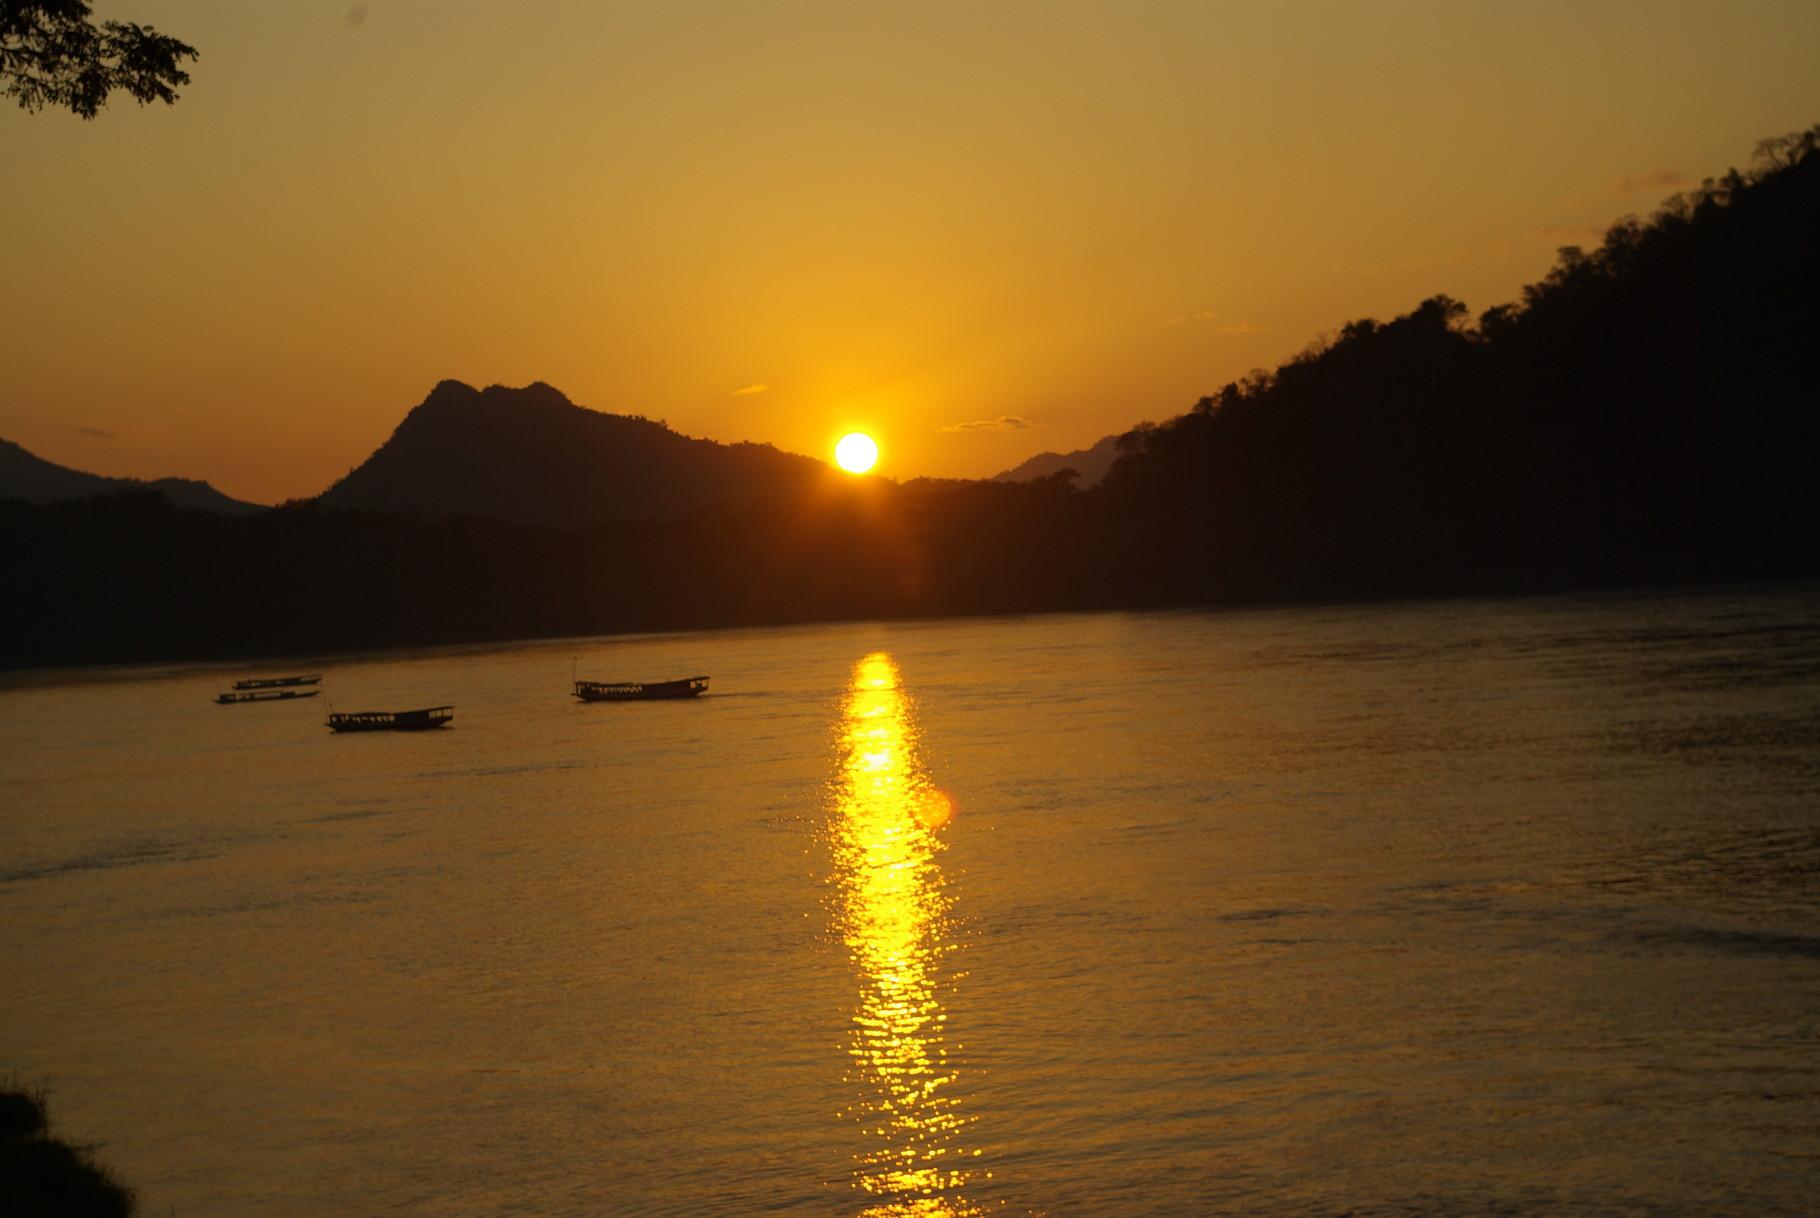 Sonnenuntergang am Mekong - traumhaft schön!